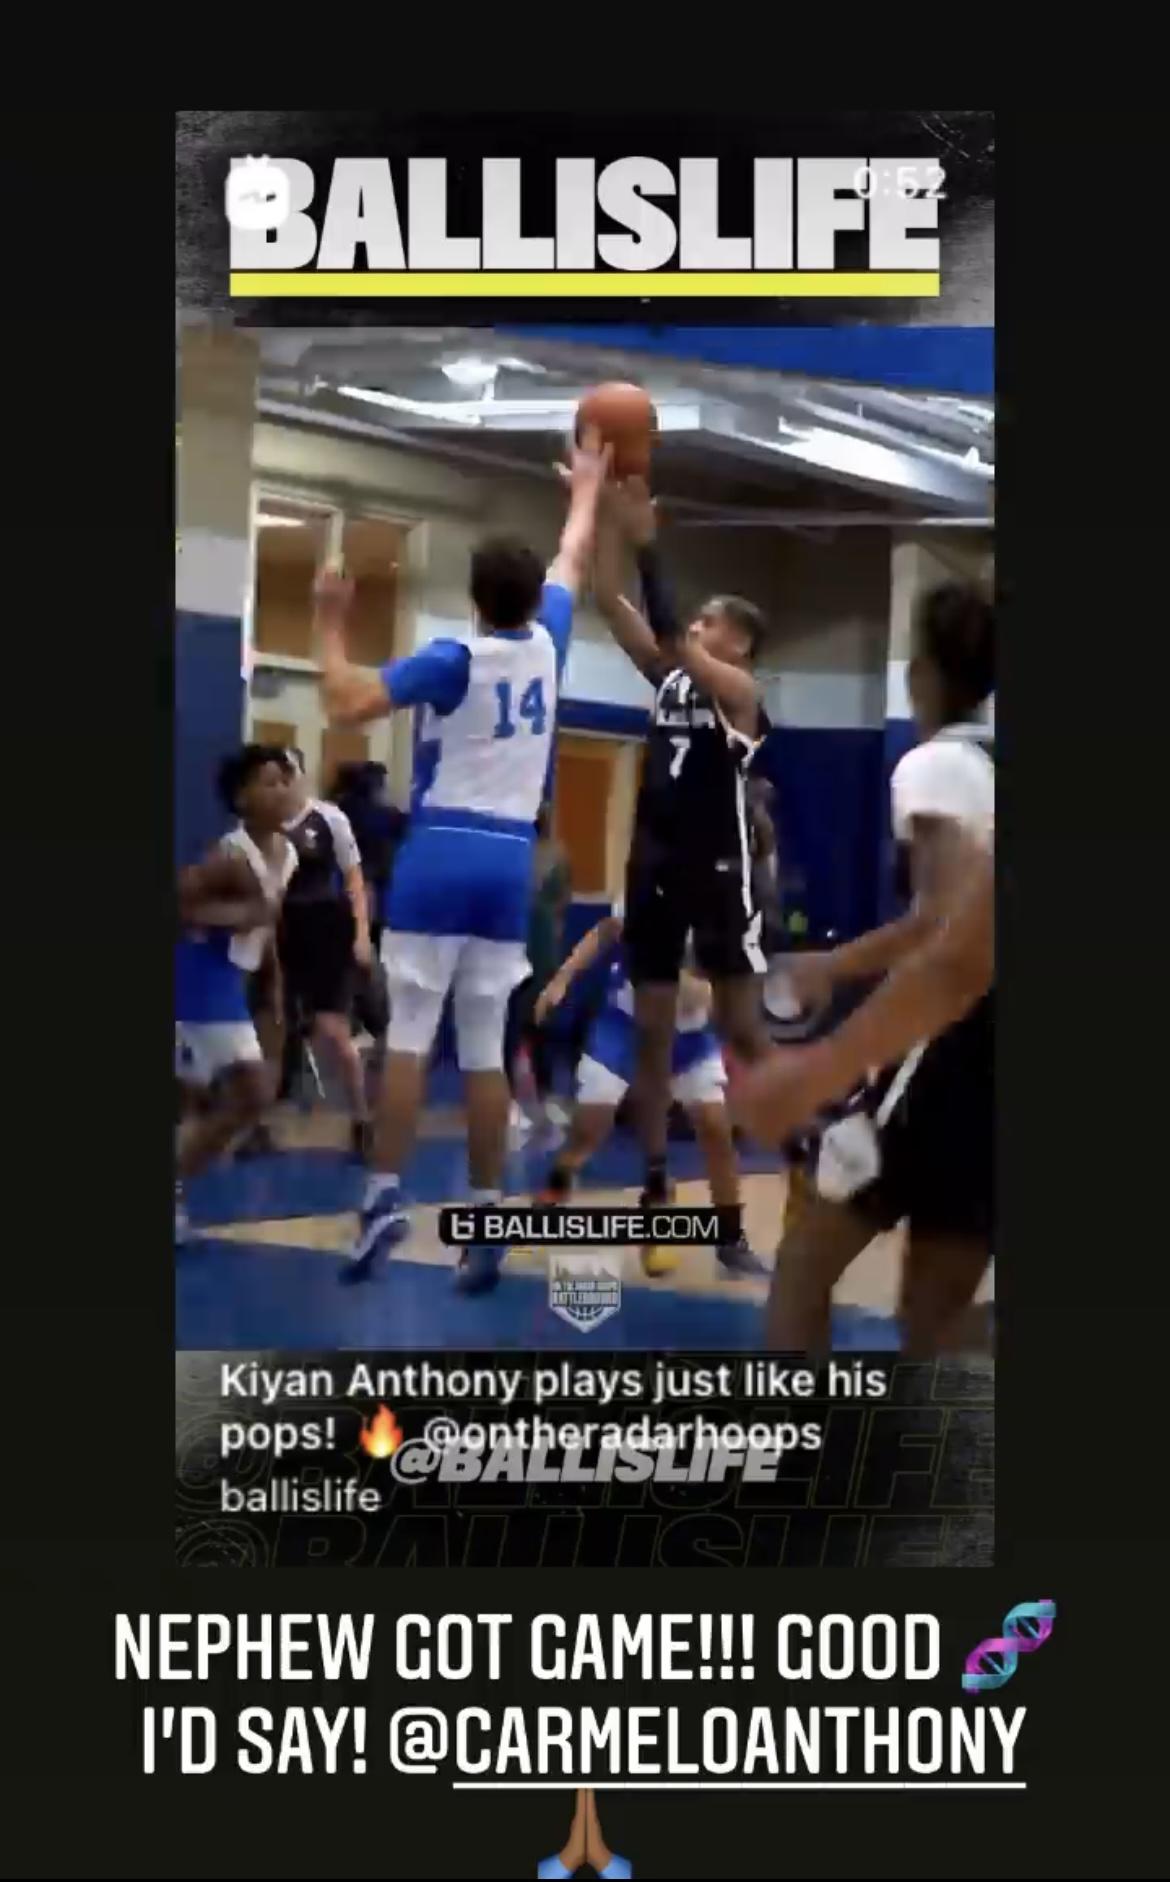 詹姆斯转发安东尼儿子比赛视频:侄子很会打球,有好的基因